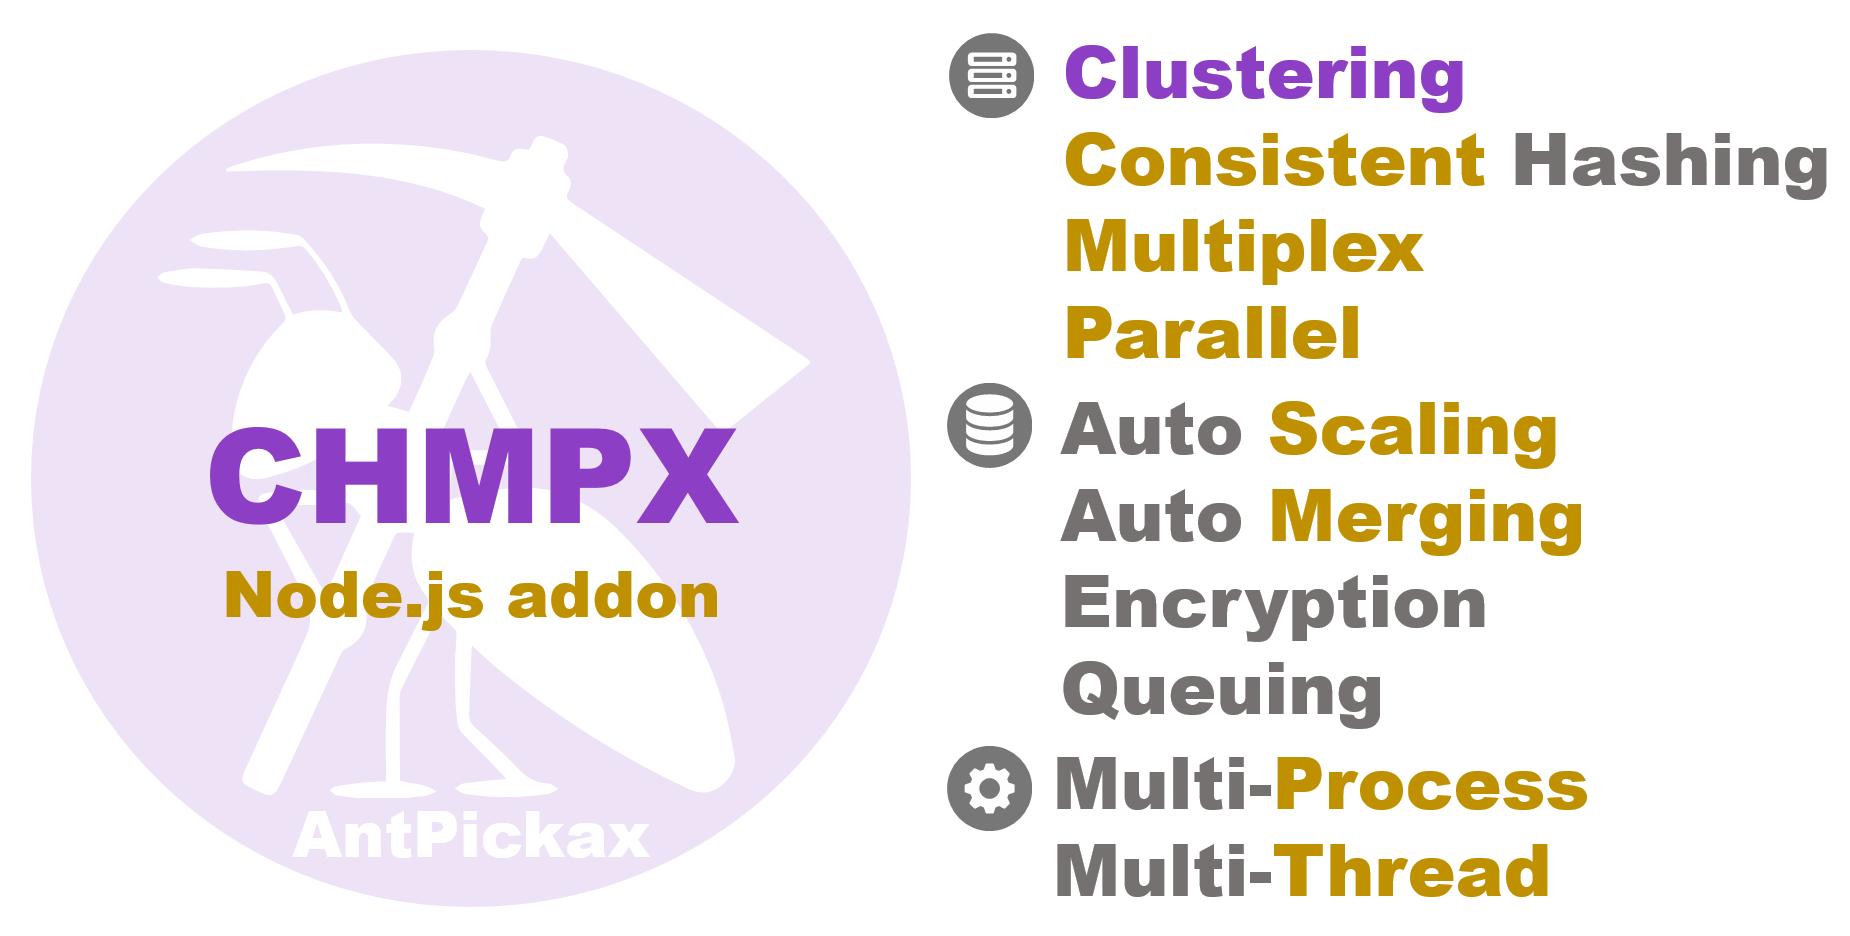 CHMPX Node.js addon